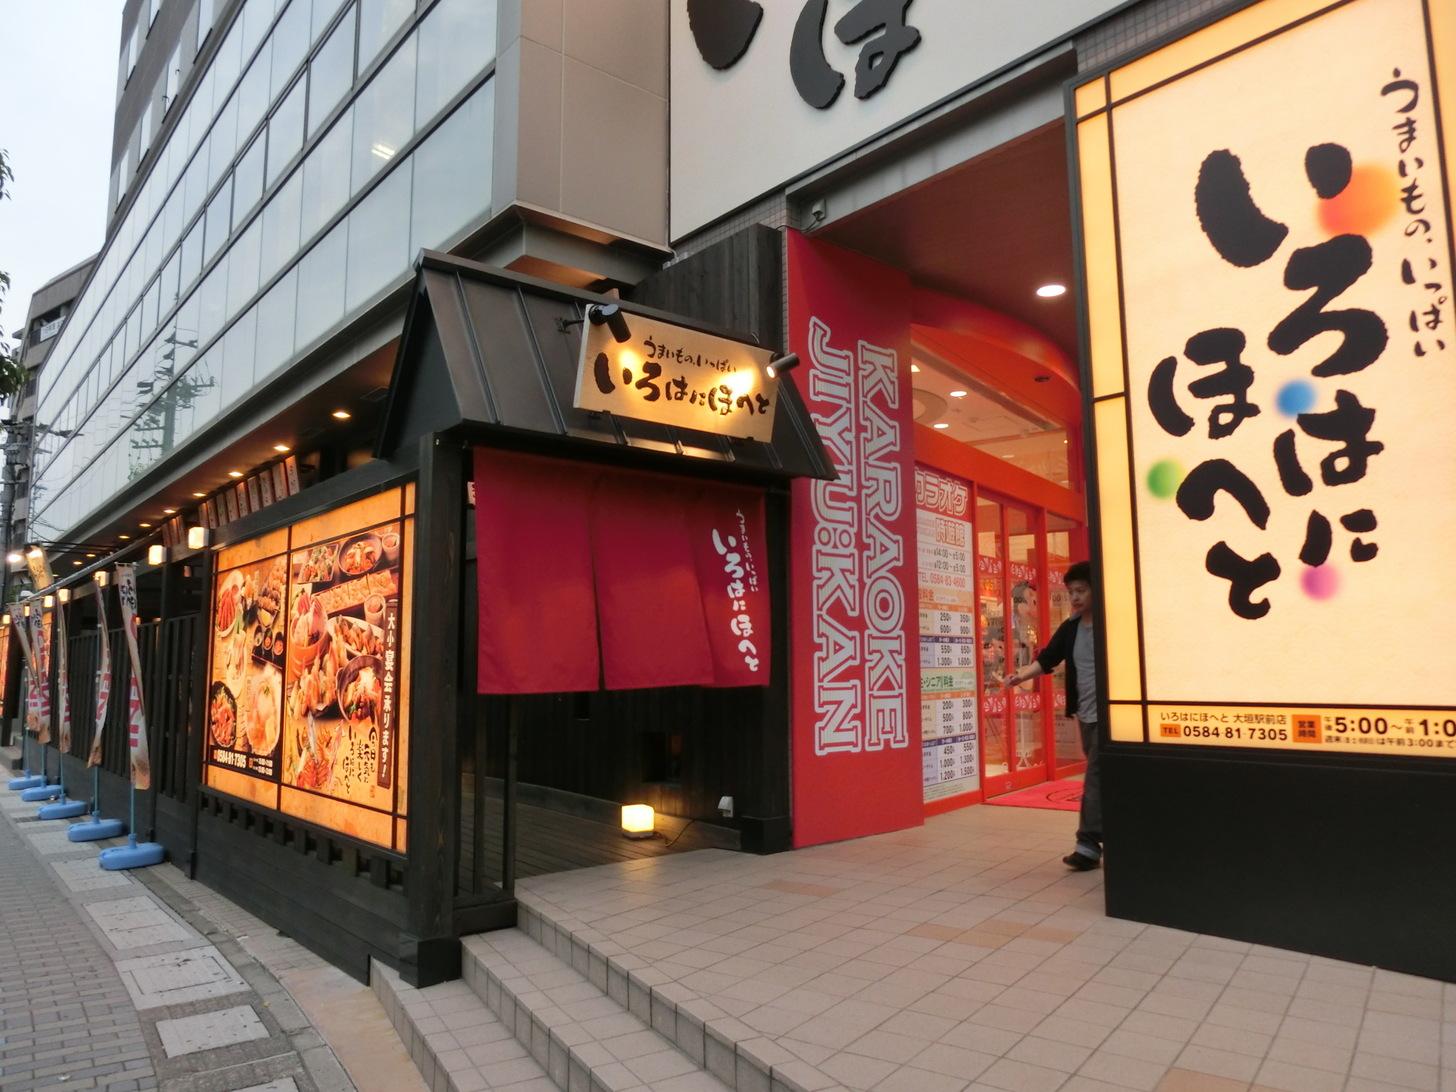 いろはにほへと 大垣駅前店